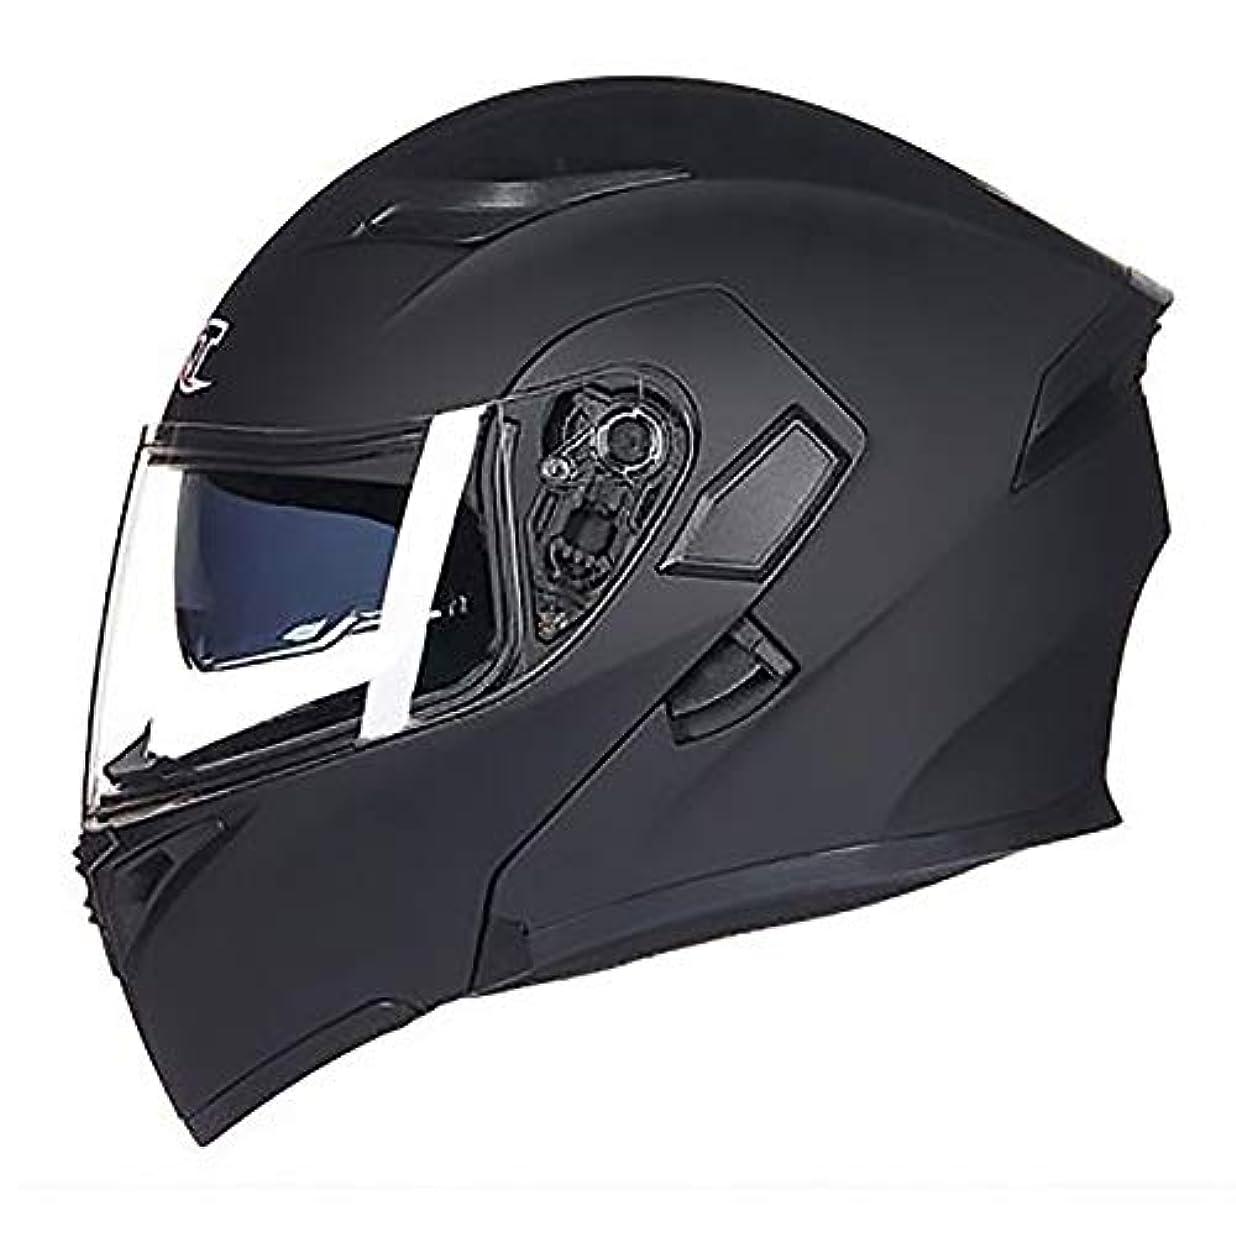 プレビスサイト貫通オークランドTOMSSL高品質 電気自動車のオートバイのヘルメットの自転車のマウンテンバイクのヘルメットの屋外の乗馬装置に乗るマットの黒の大人の自転車のヘルメット (Size : L)